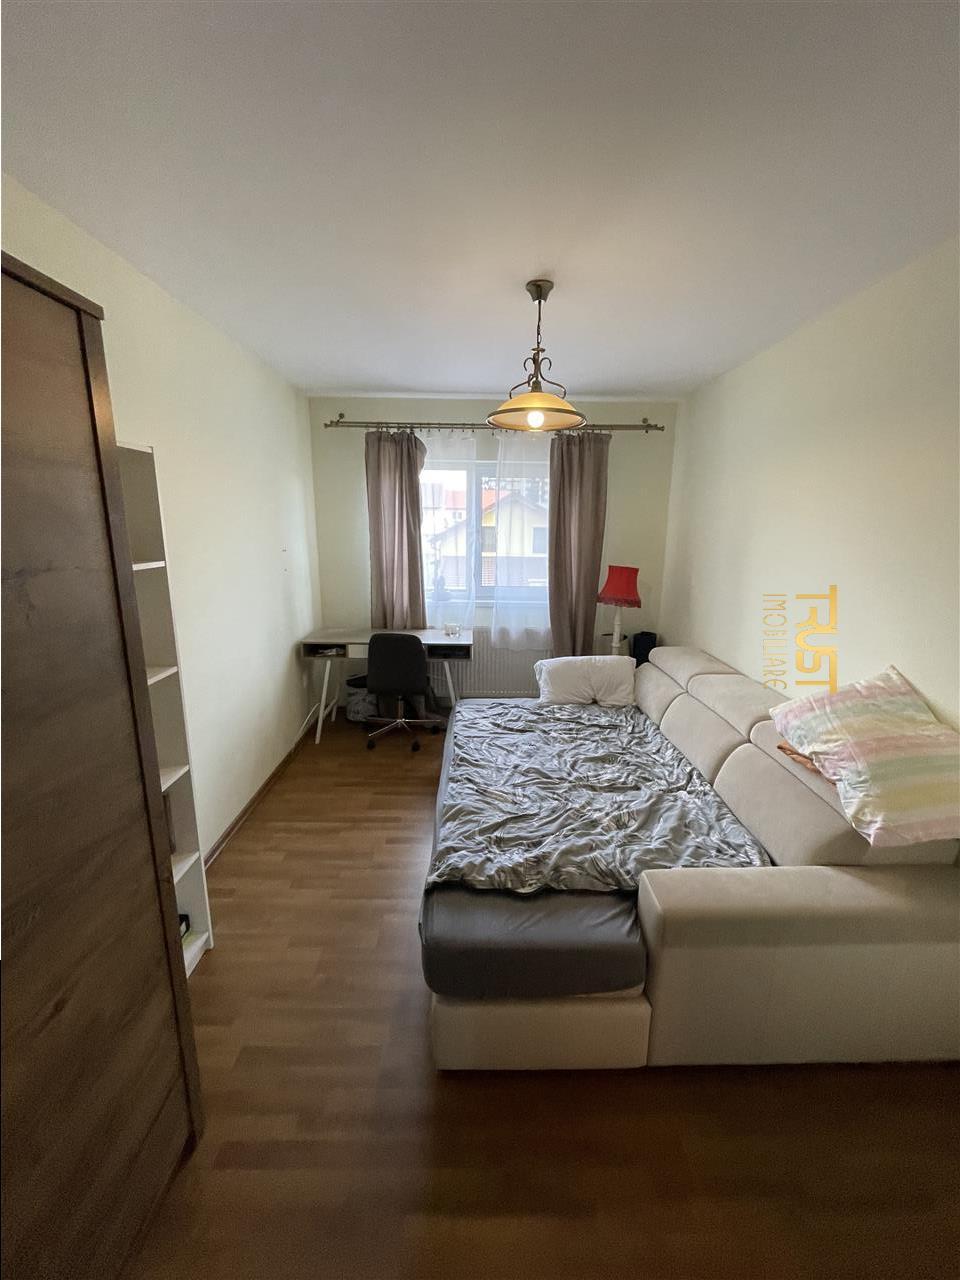 Apartament 3 camere, zona Soporului, parcare